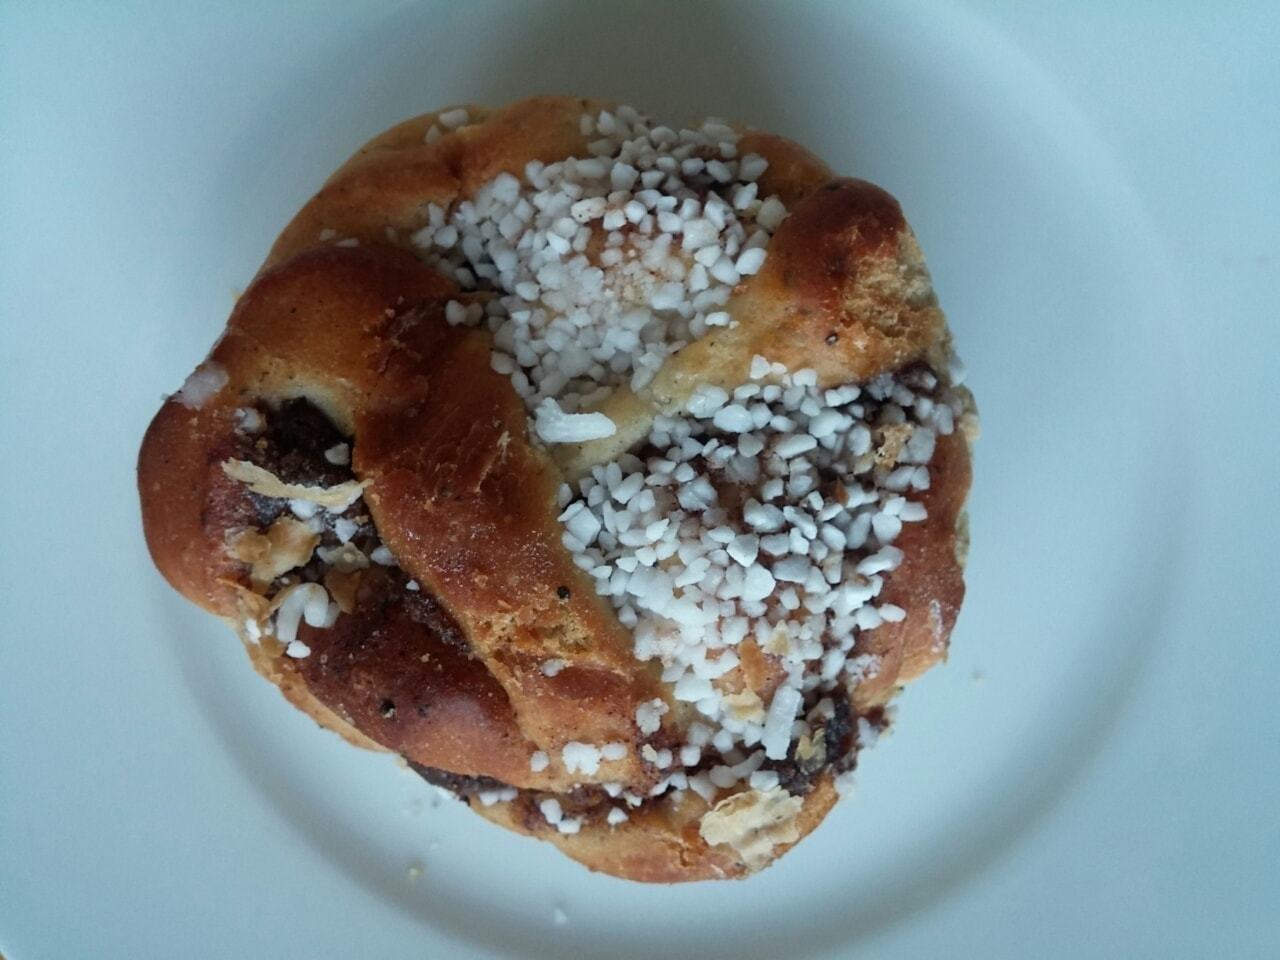 1x Cinnamon bun from Caffe Nero